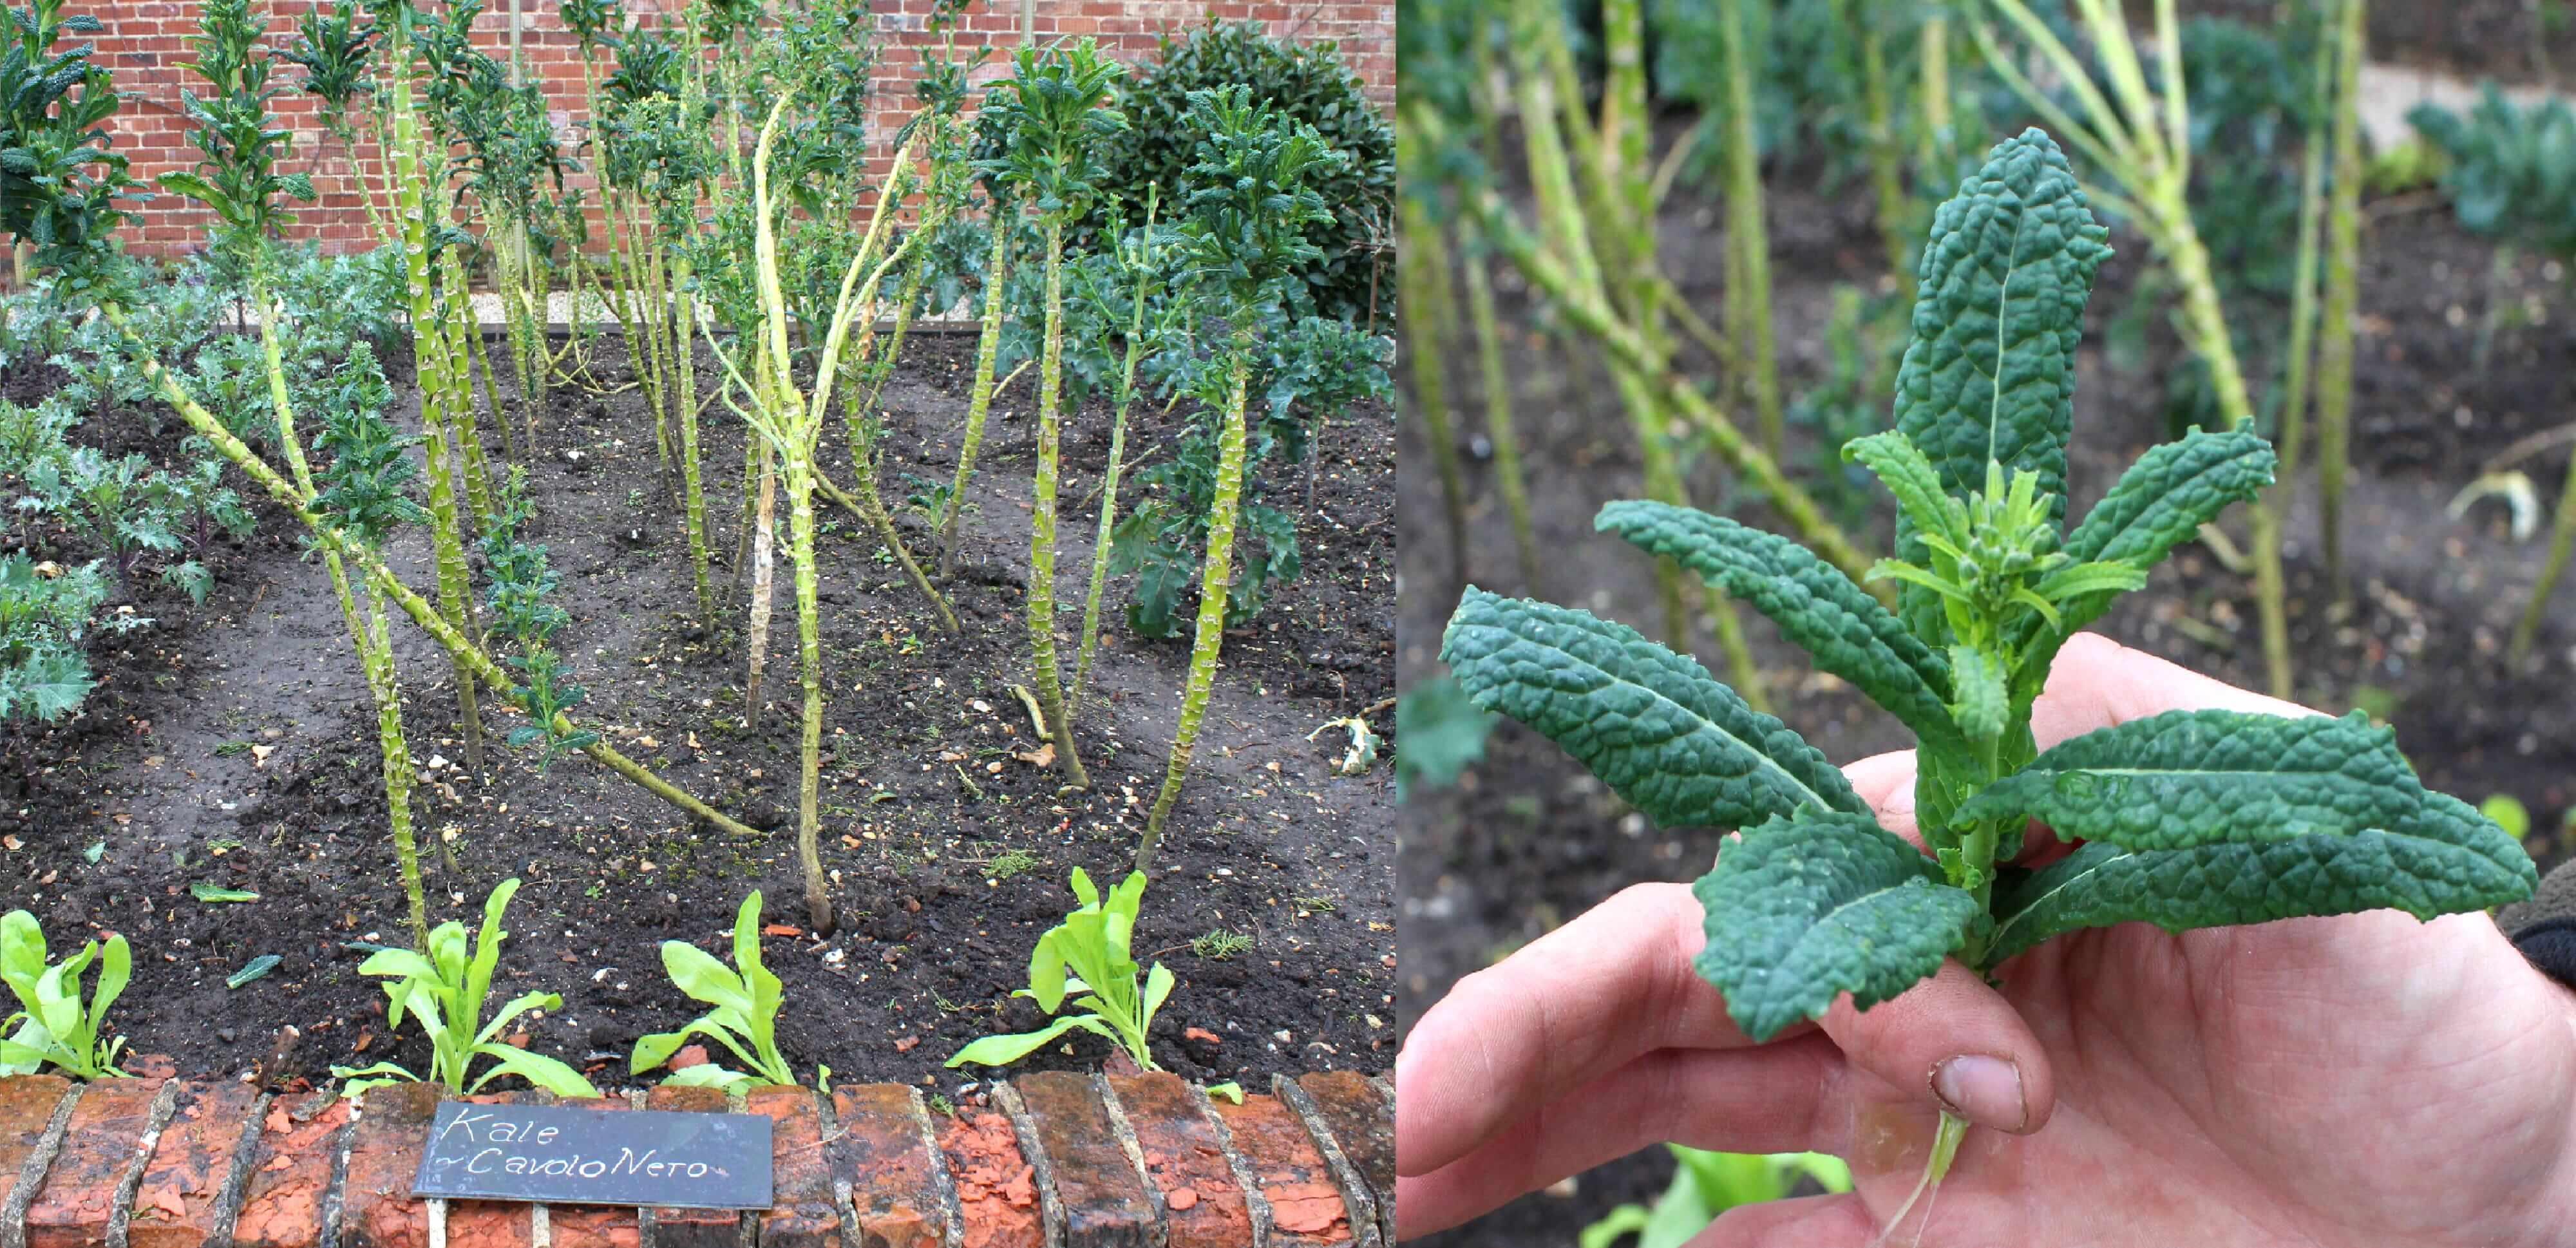 Cavolo nero Kale